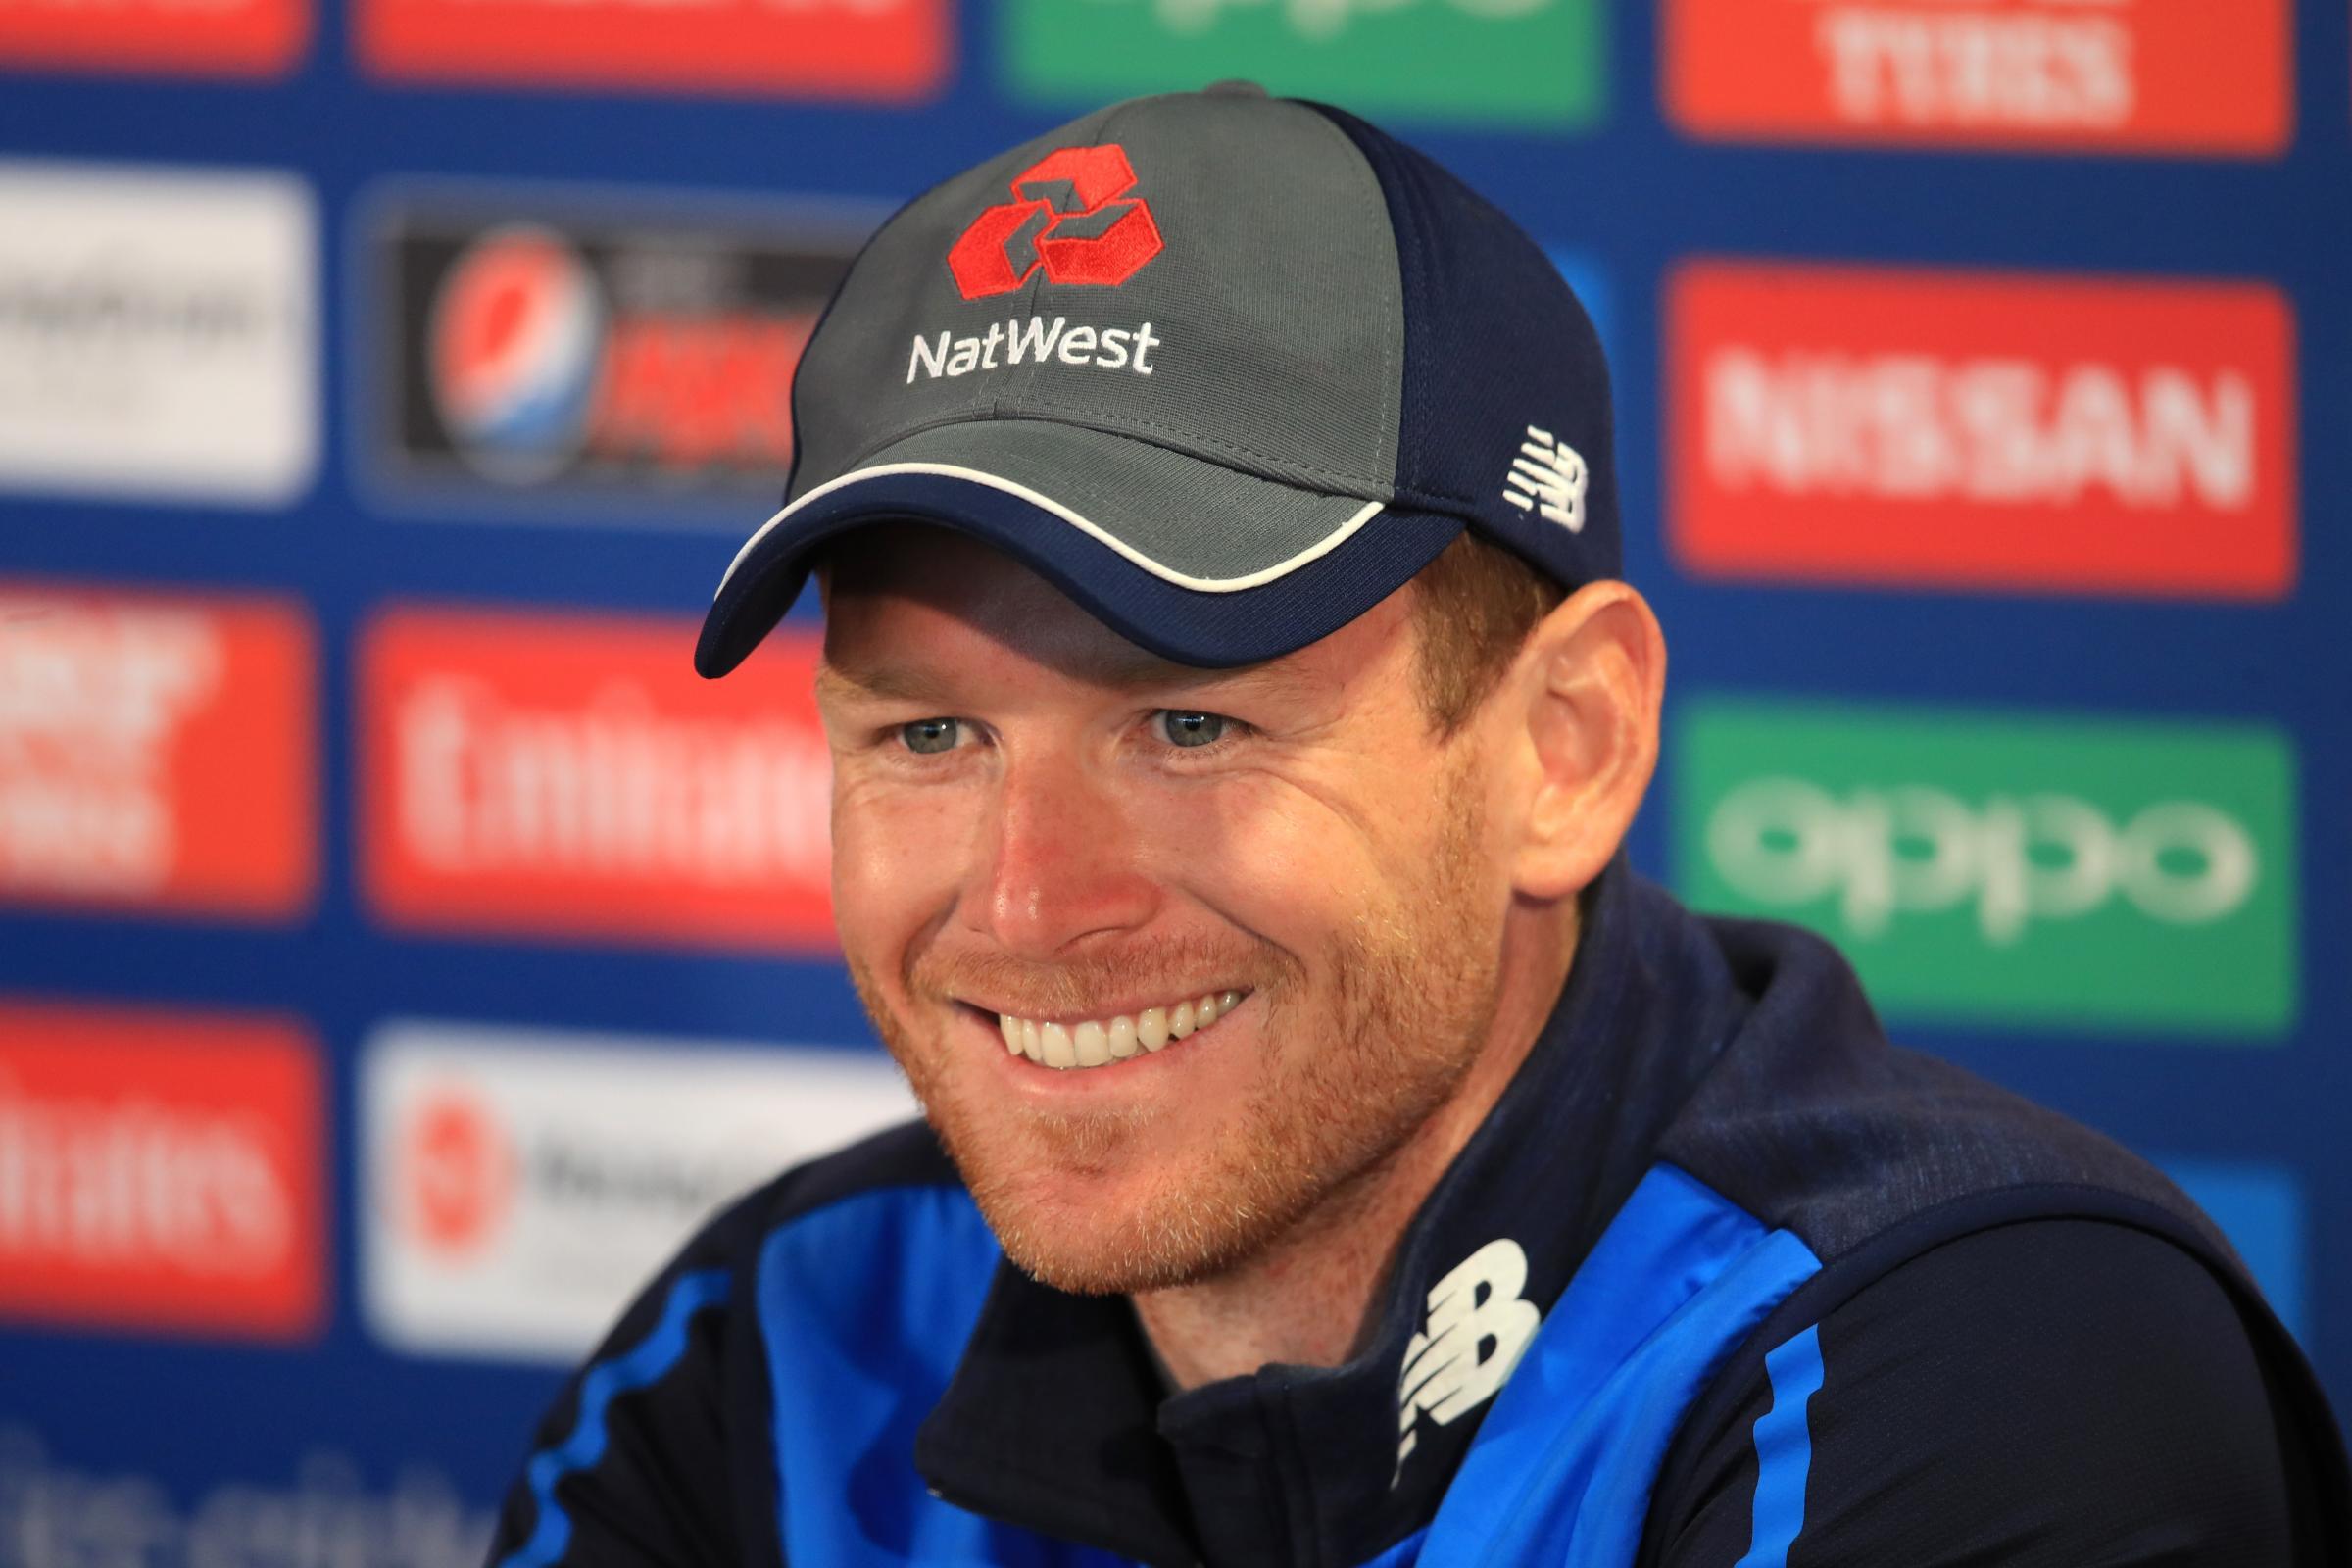 摩根希望本赛季为米德尔塞克斯队打上板球锦标赛